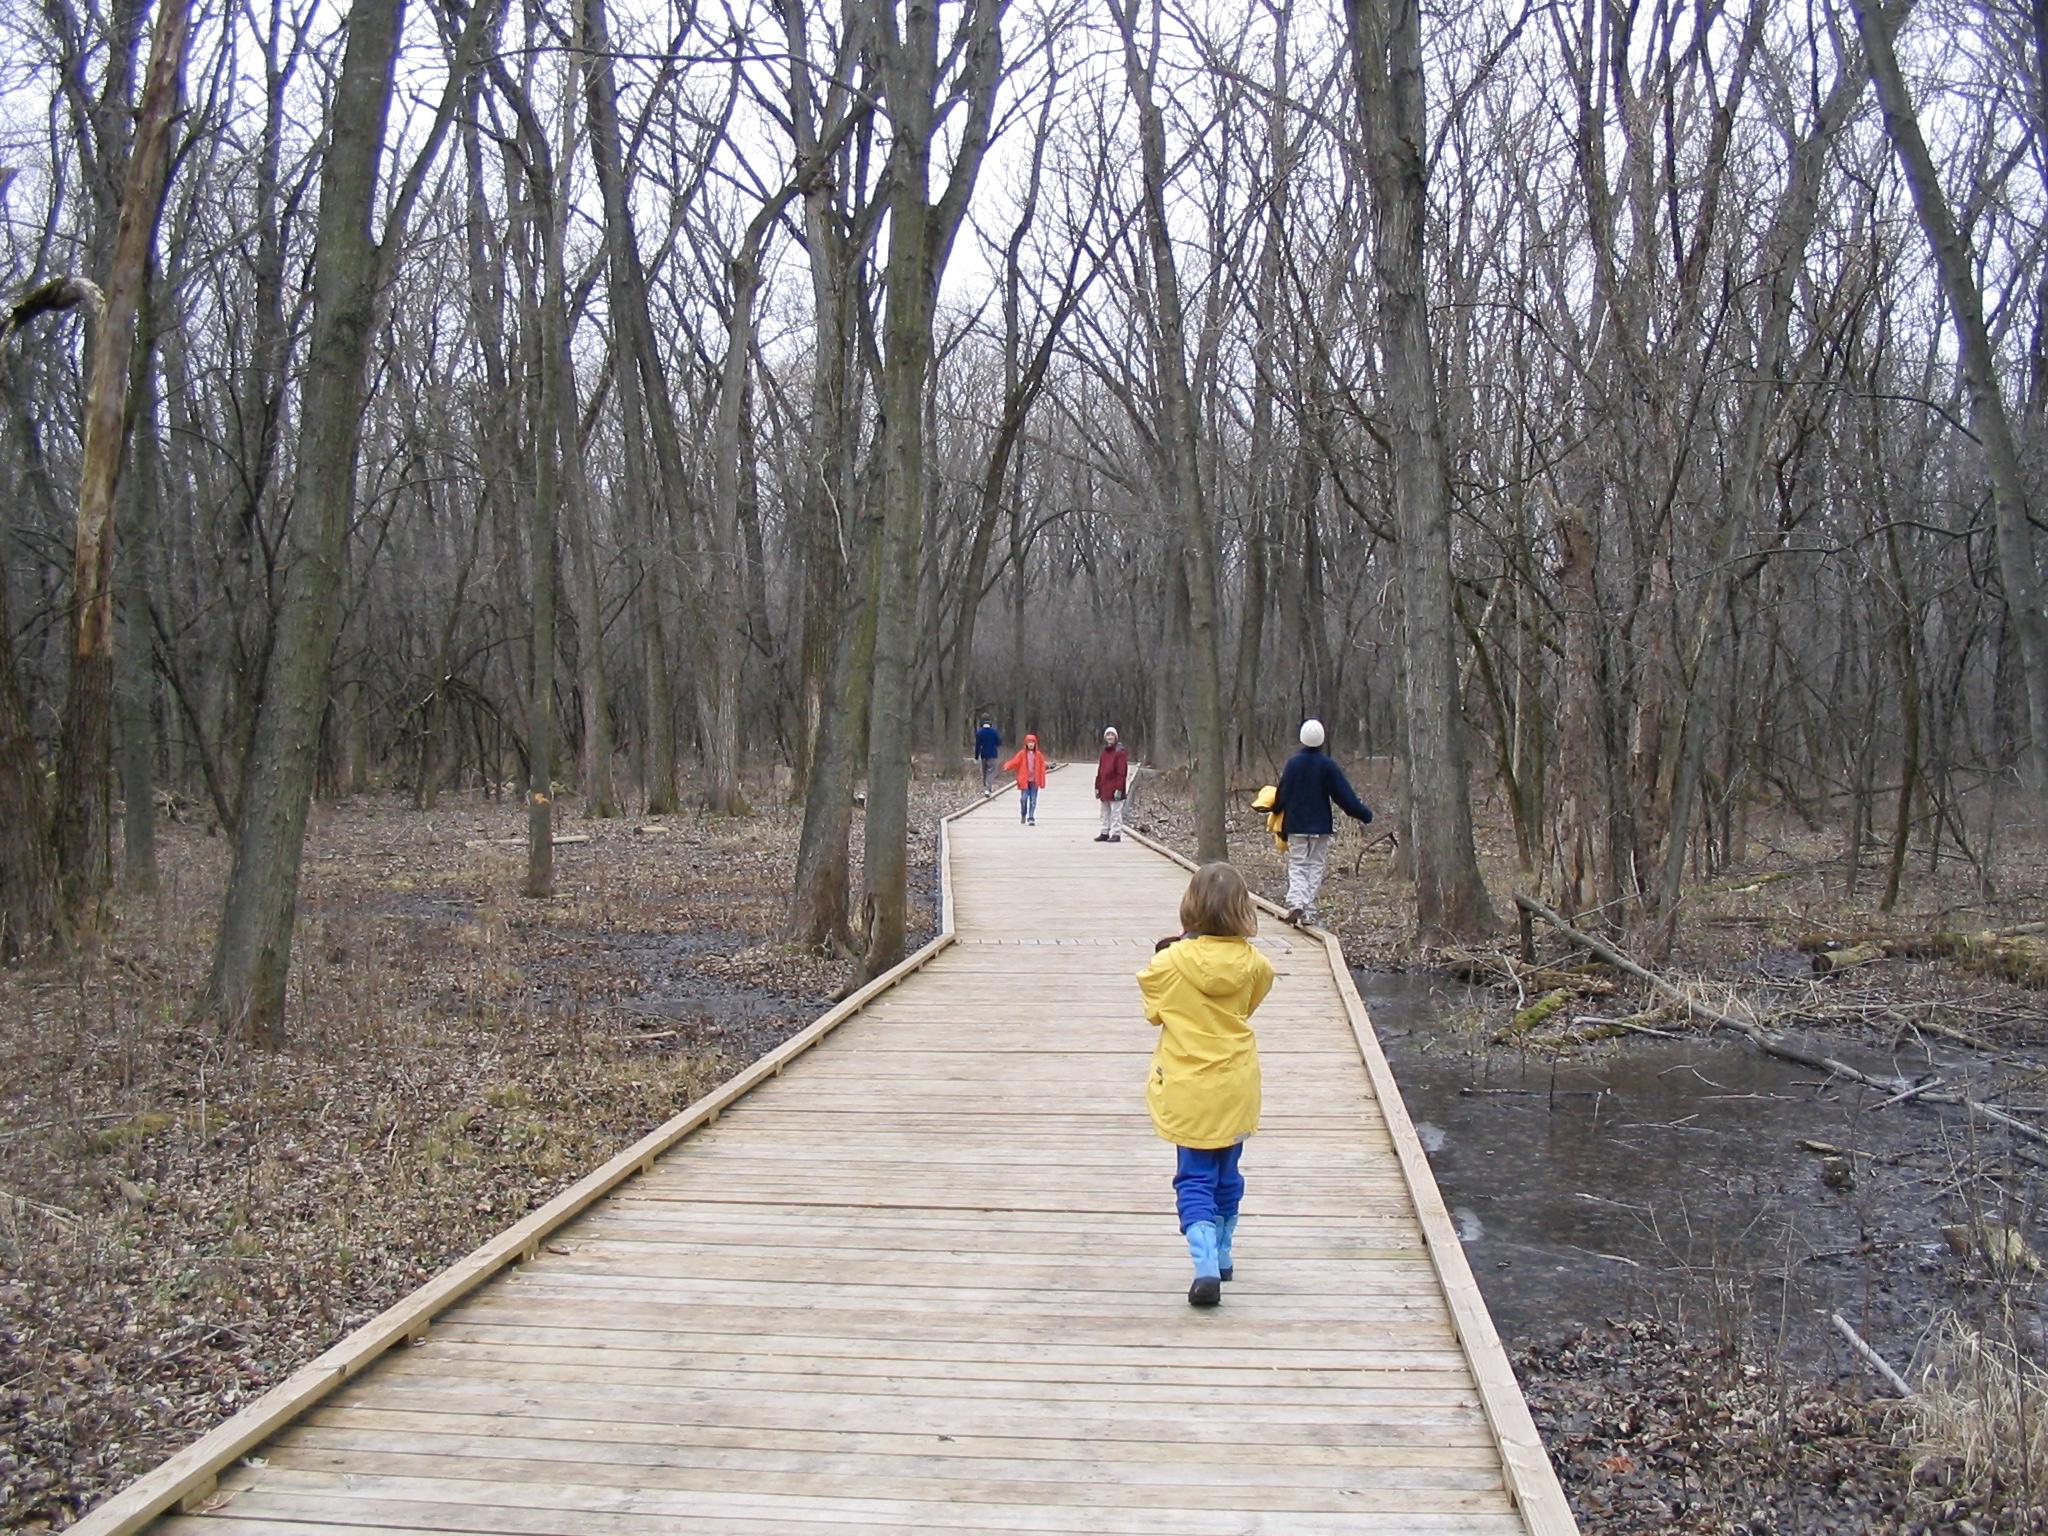 Boardwalk. Pheasant Branch. Madison, Wisconsin. December 2006. © William D. Walker